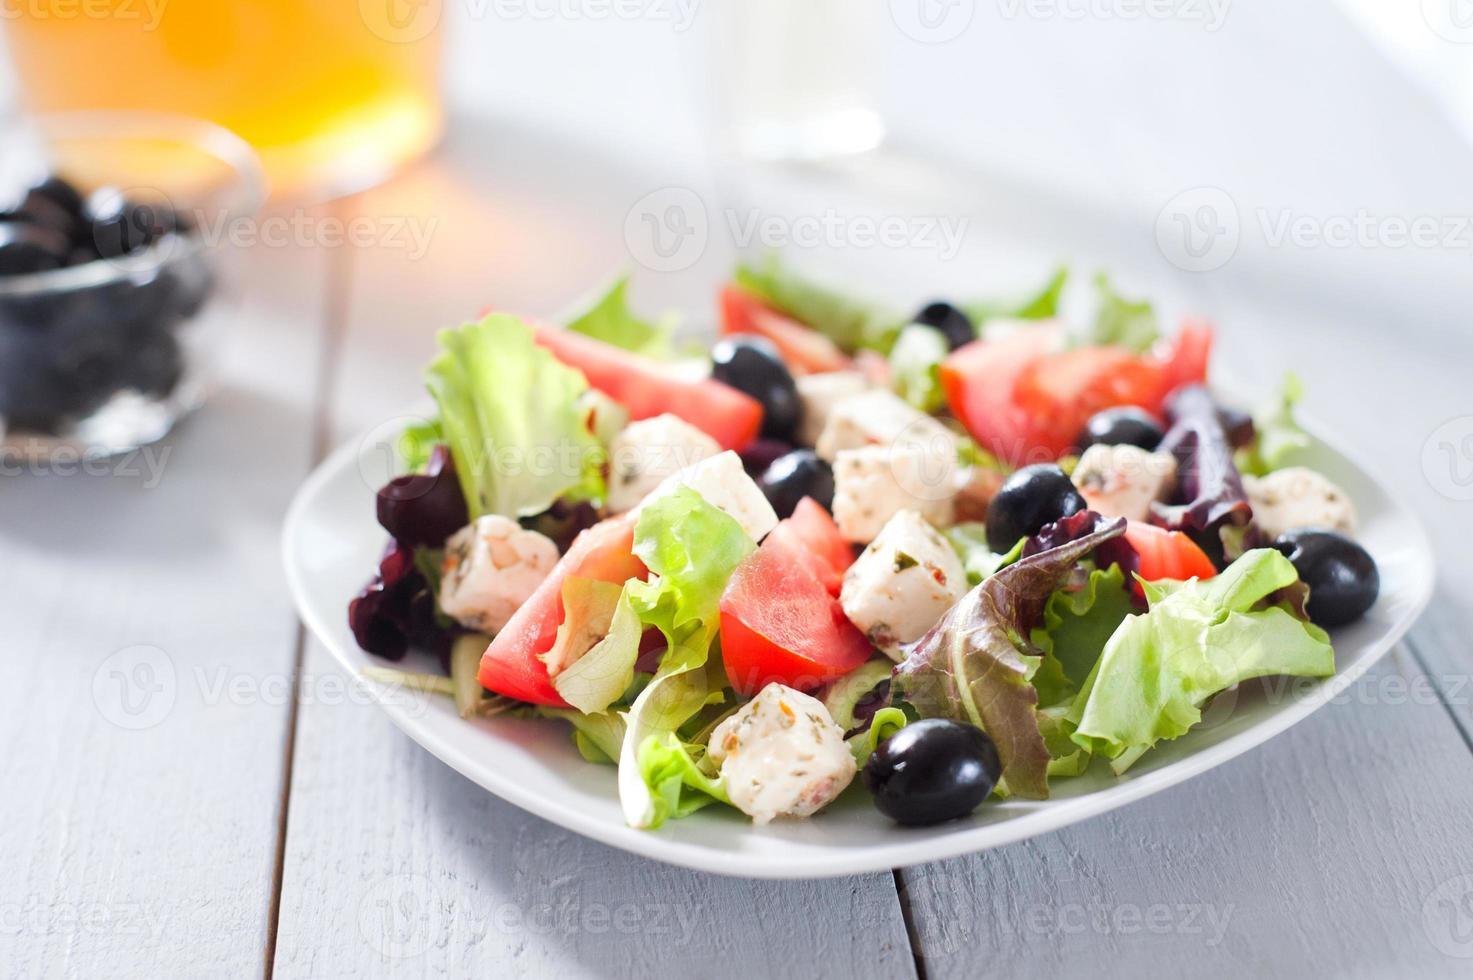 Diet and healthy mediterranean salad photo